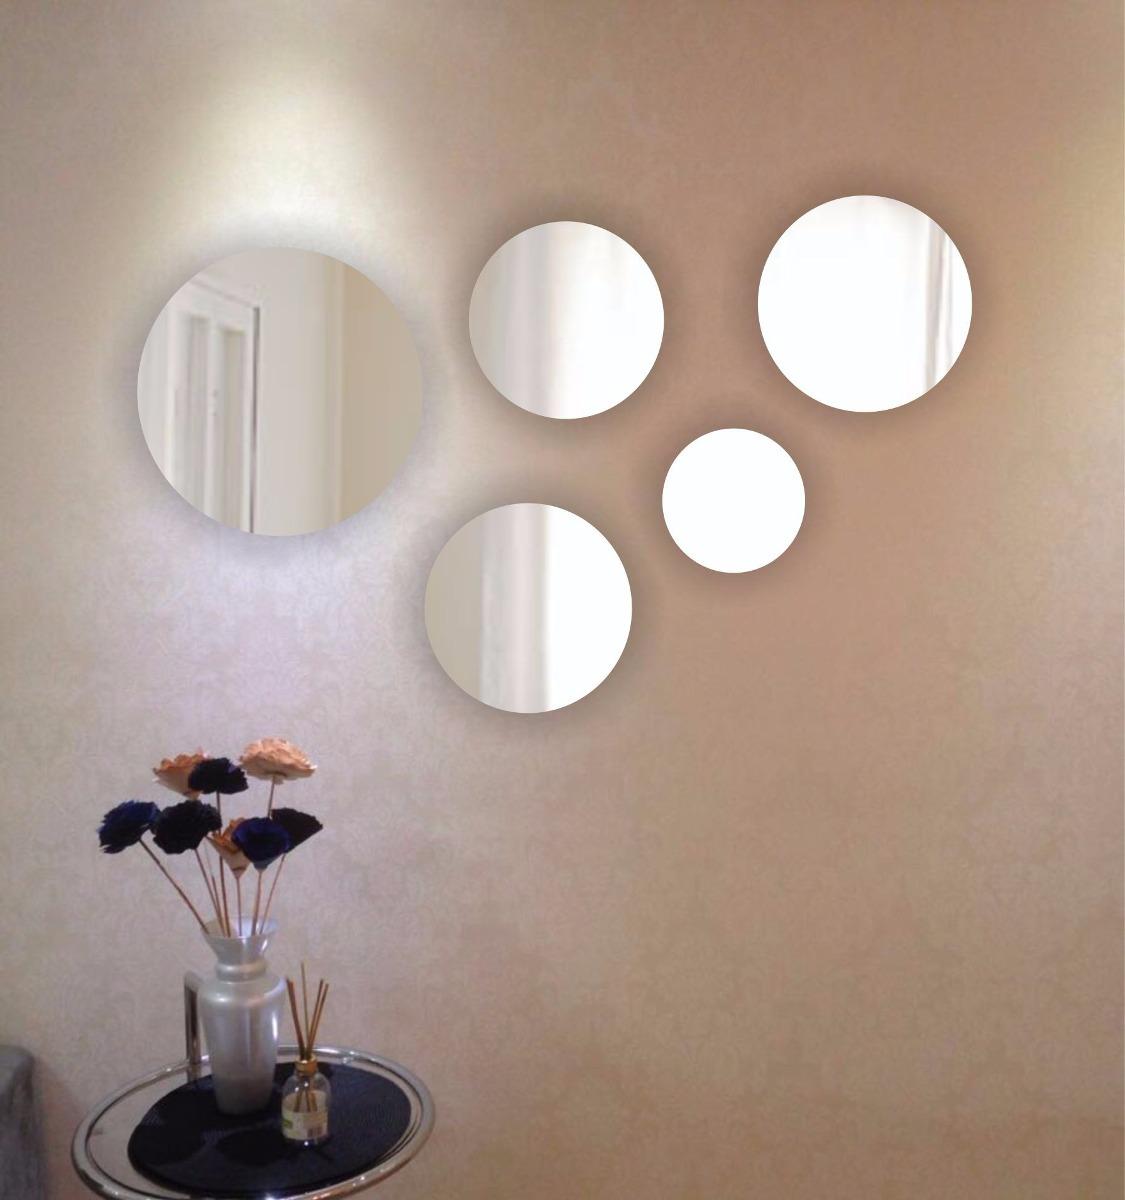 Espelhos Decorativos  Redondos Grande 130 Cm X 60 Cm  R